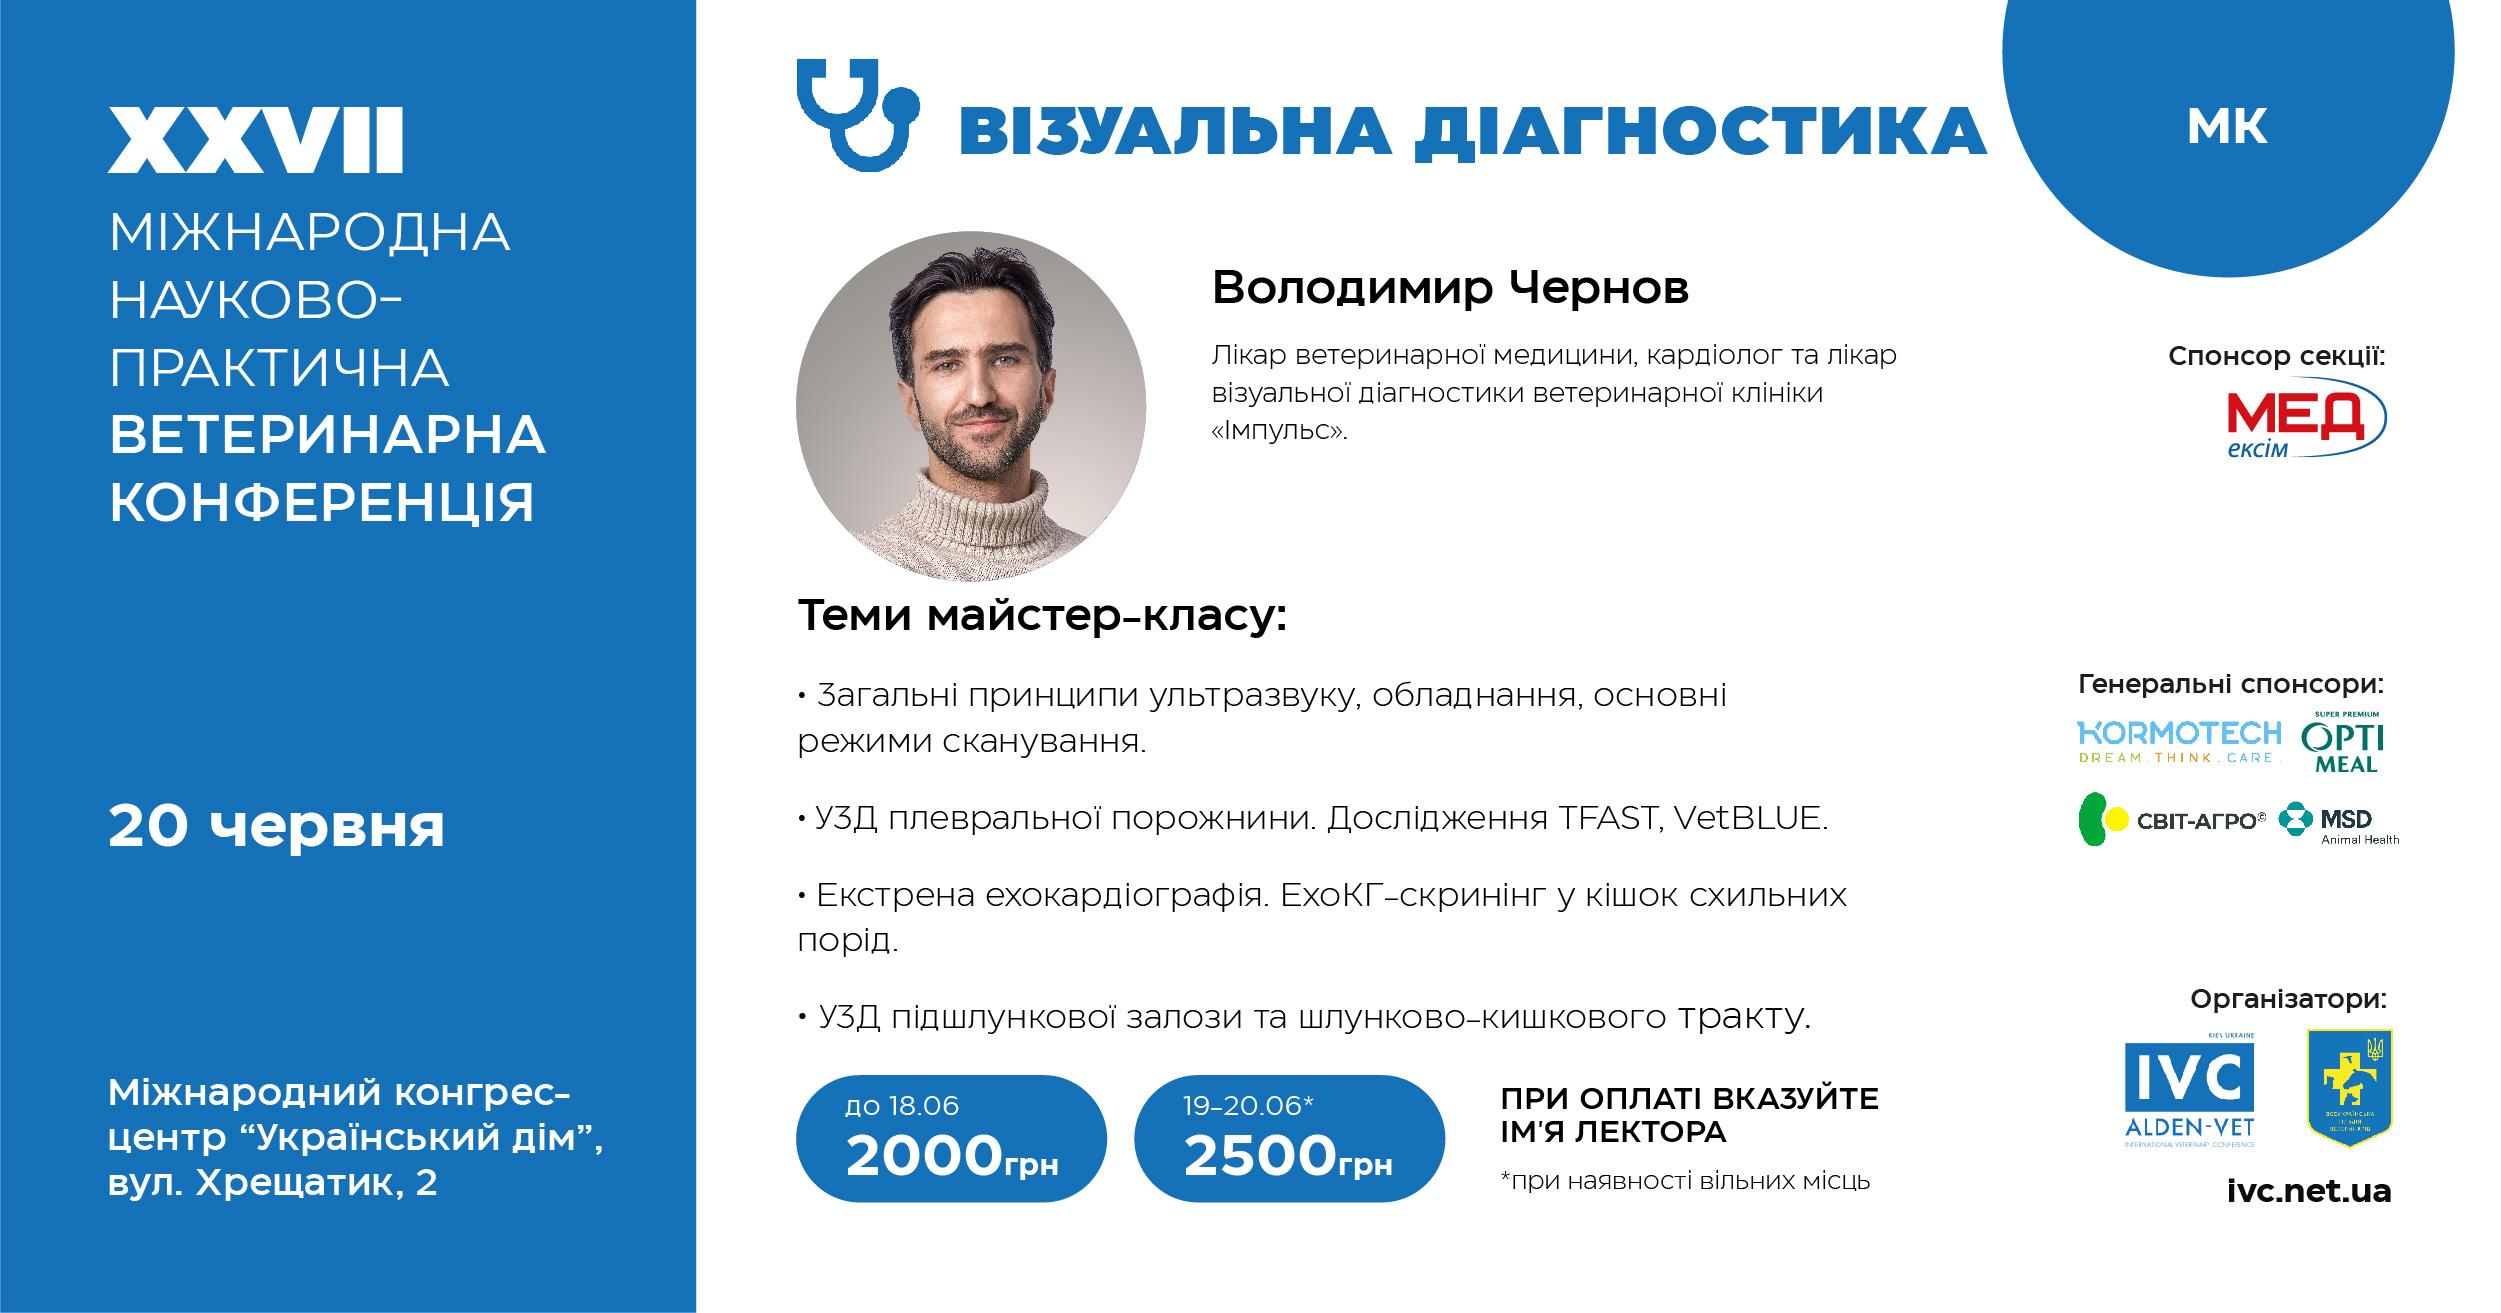 Володимир Чернов